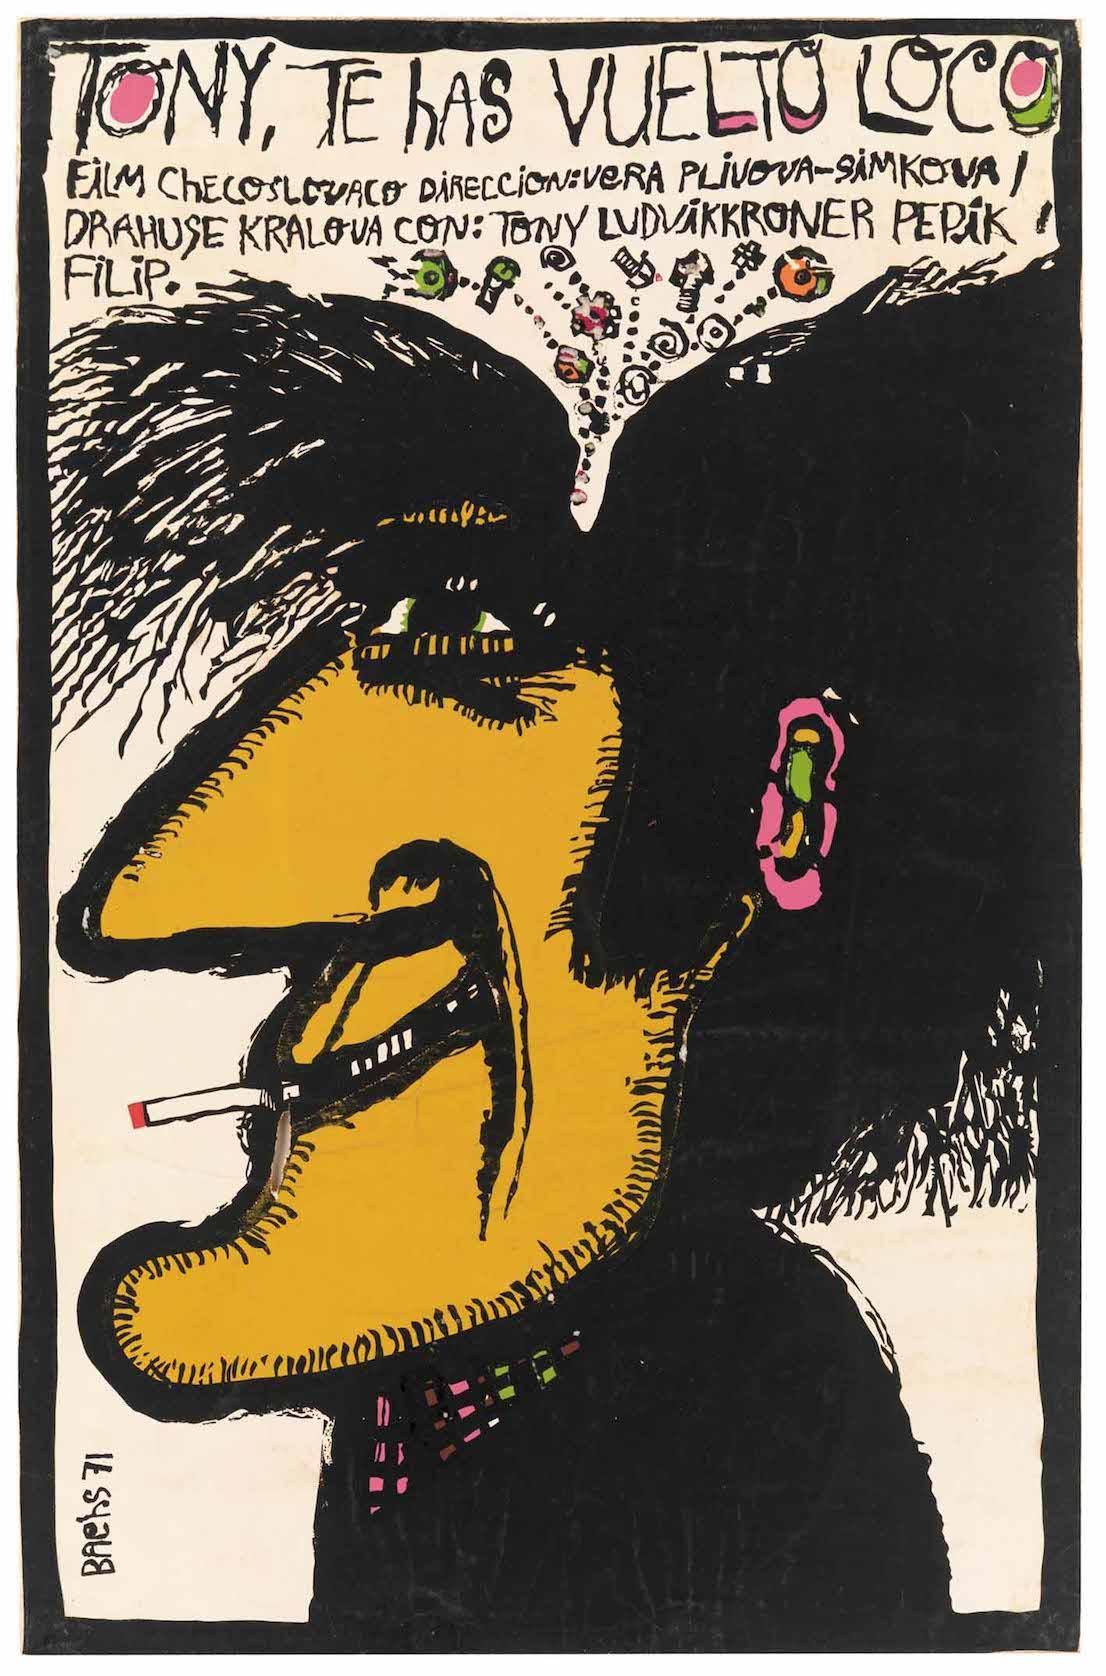 Eduardo Muñoz Bachs, Toni, te has vuelto loco, 1971.